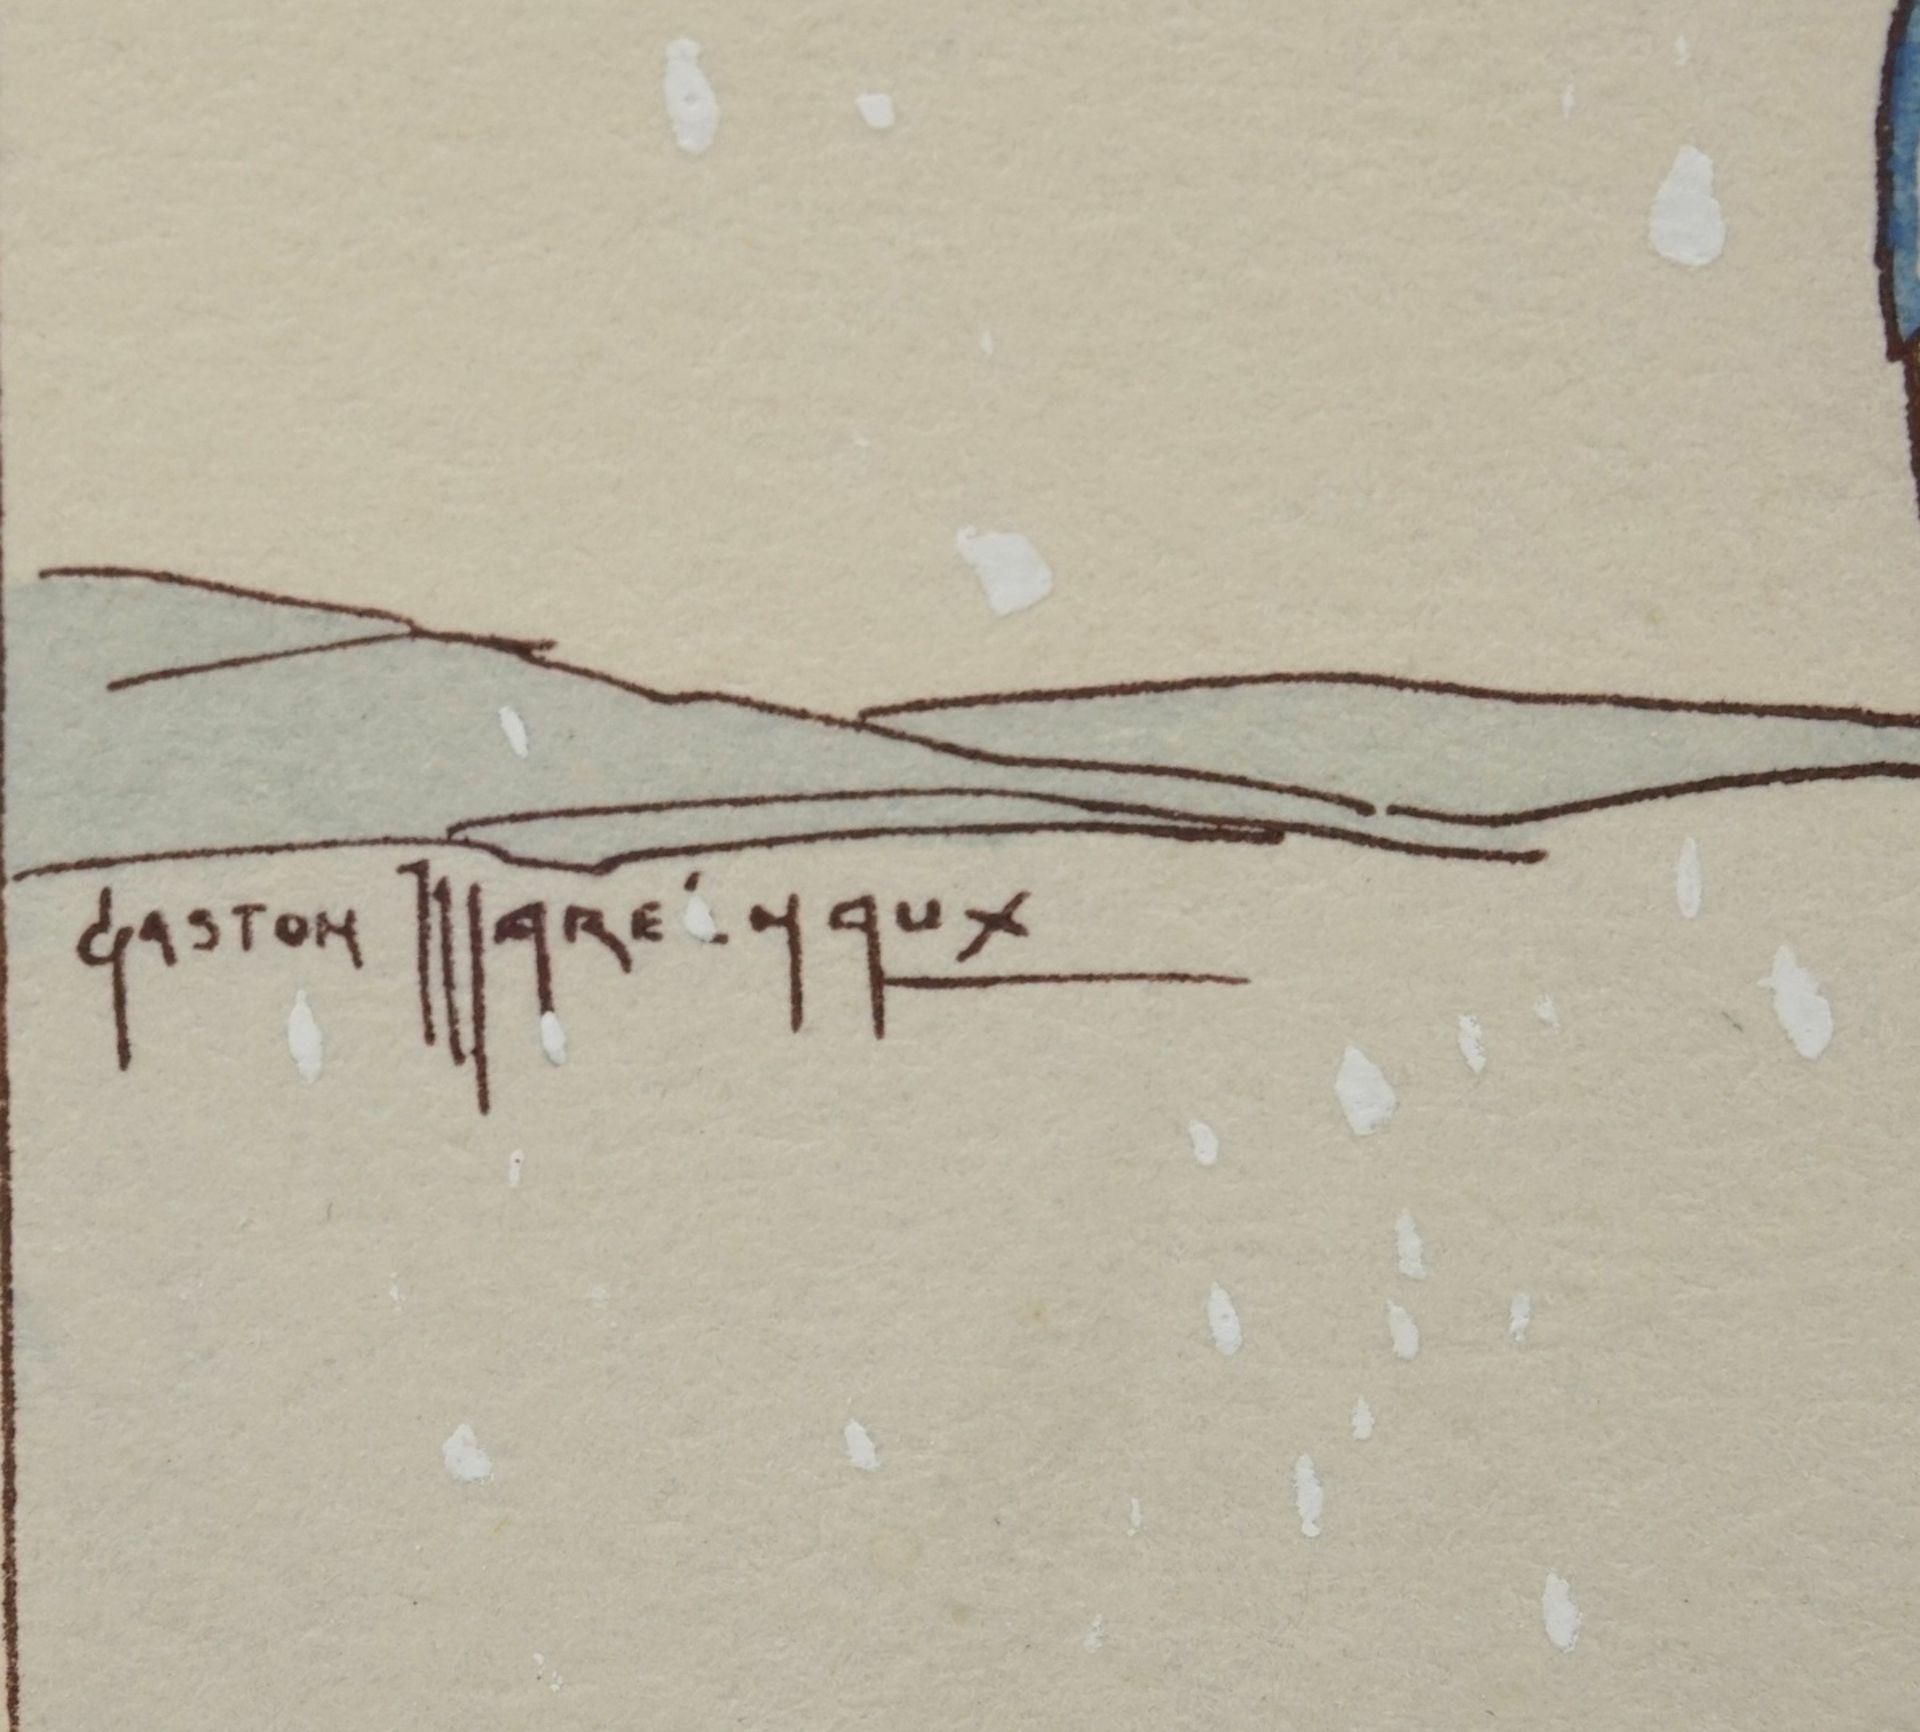 Gaston Maréchaux, Allegorie des Dezembers - Bild 4 aus 4